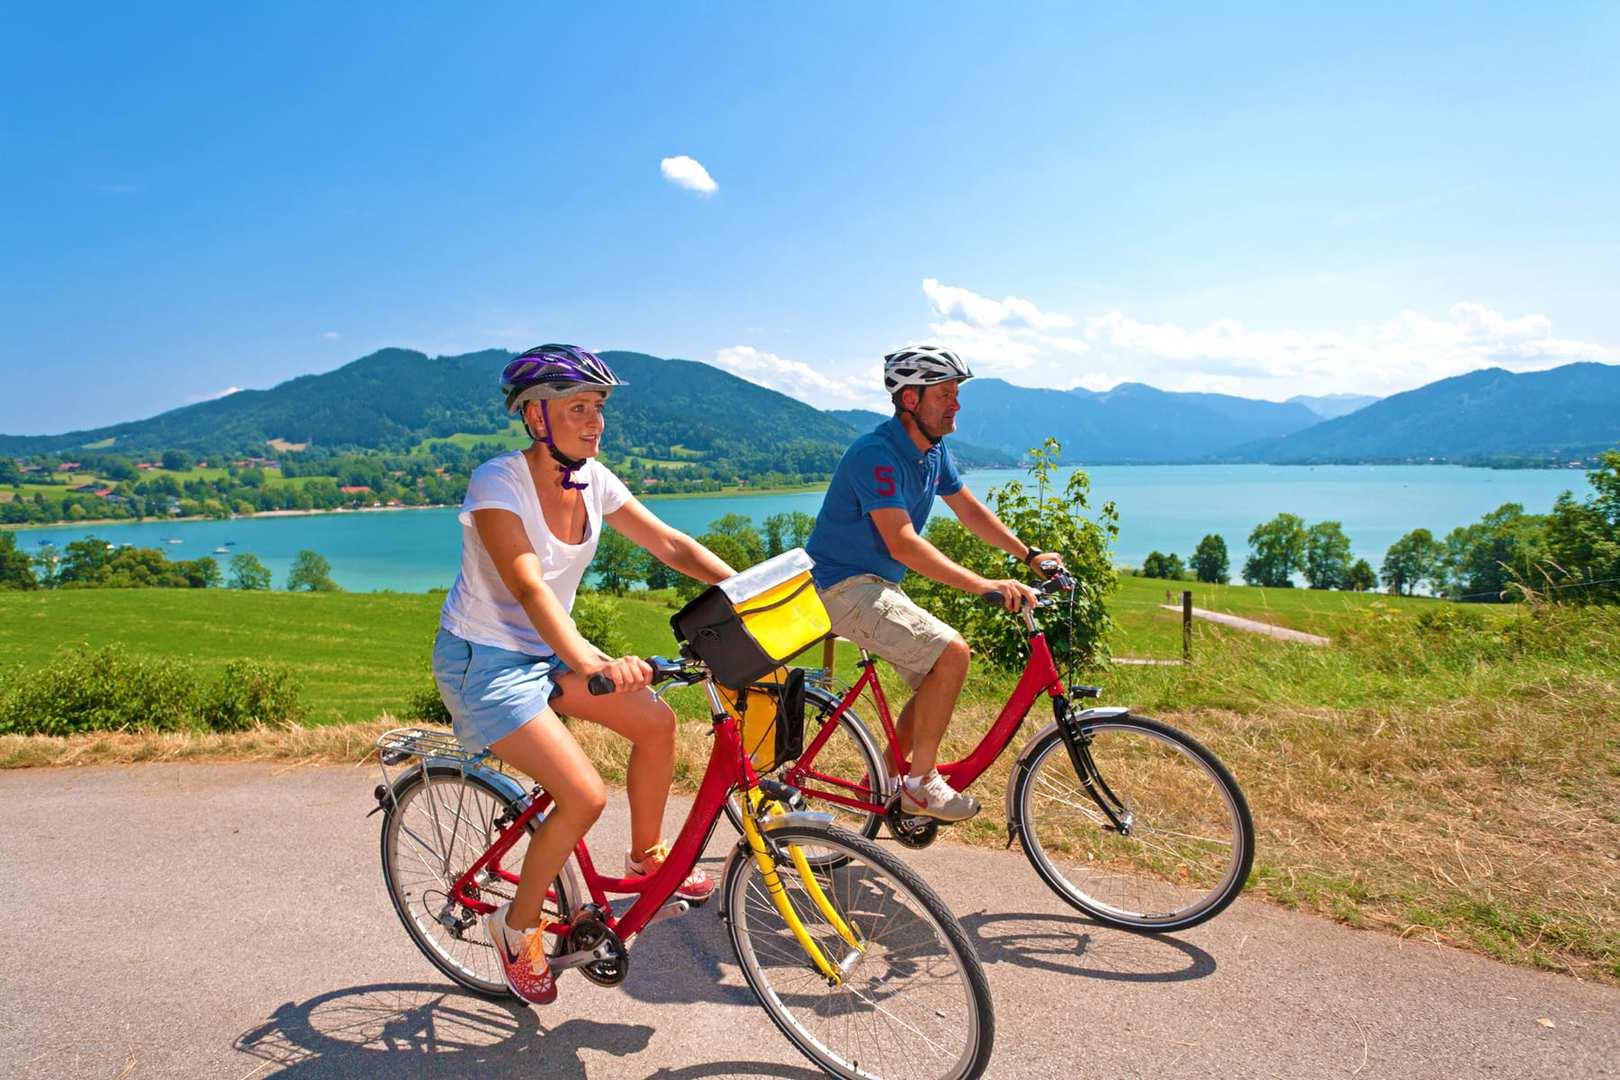 Fahrrad fahren München und Seen in Bayern